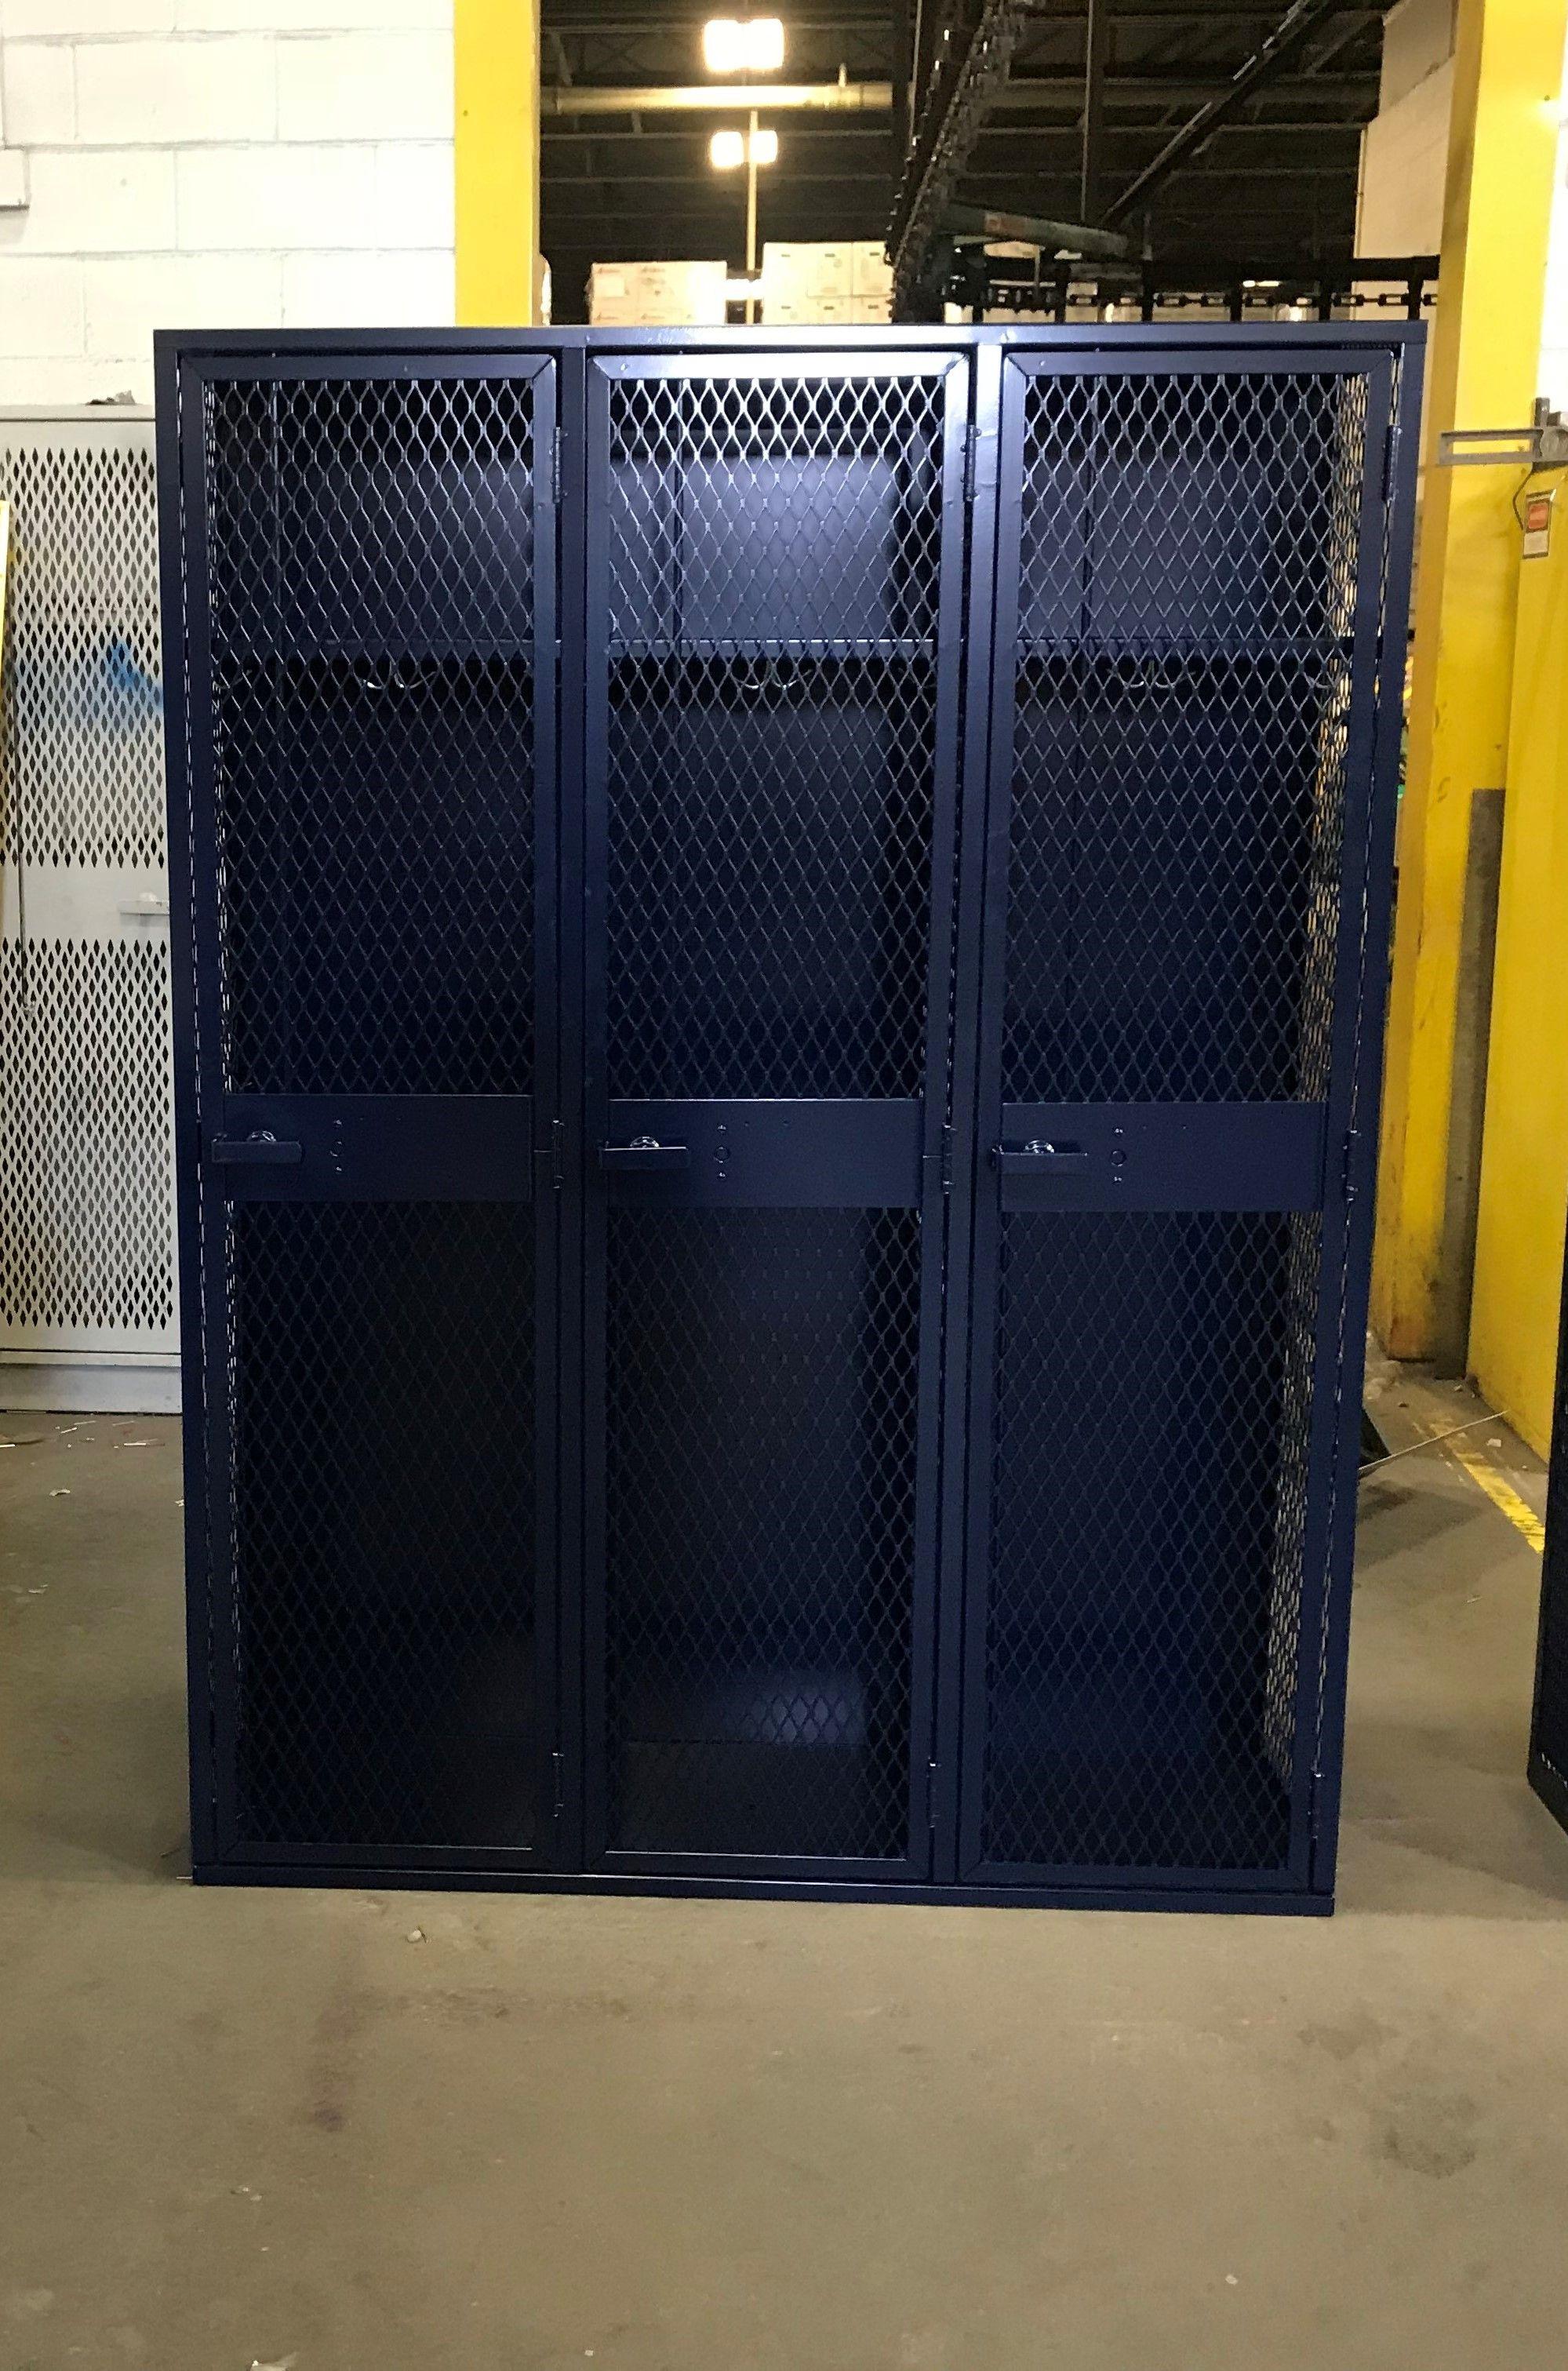 Pin By Debourgh All American Lockers On Miami Ms Fort Wayne In Debourgh Lockers Locker Storage Lockers Storage